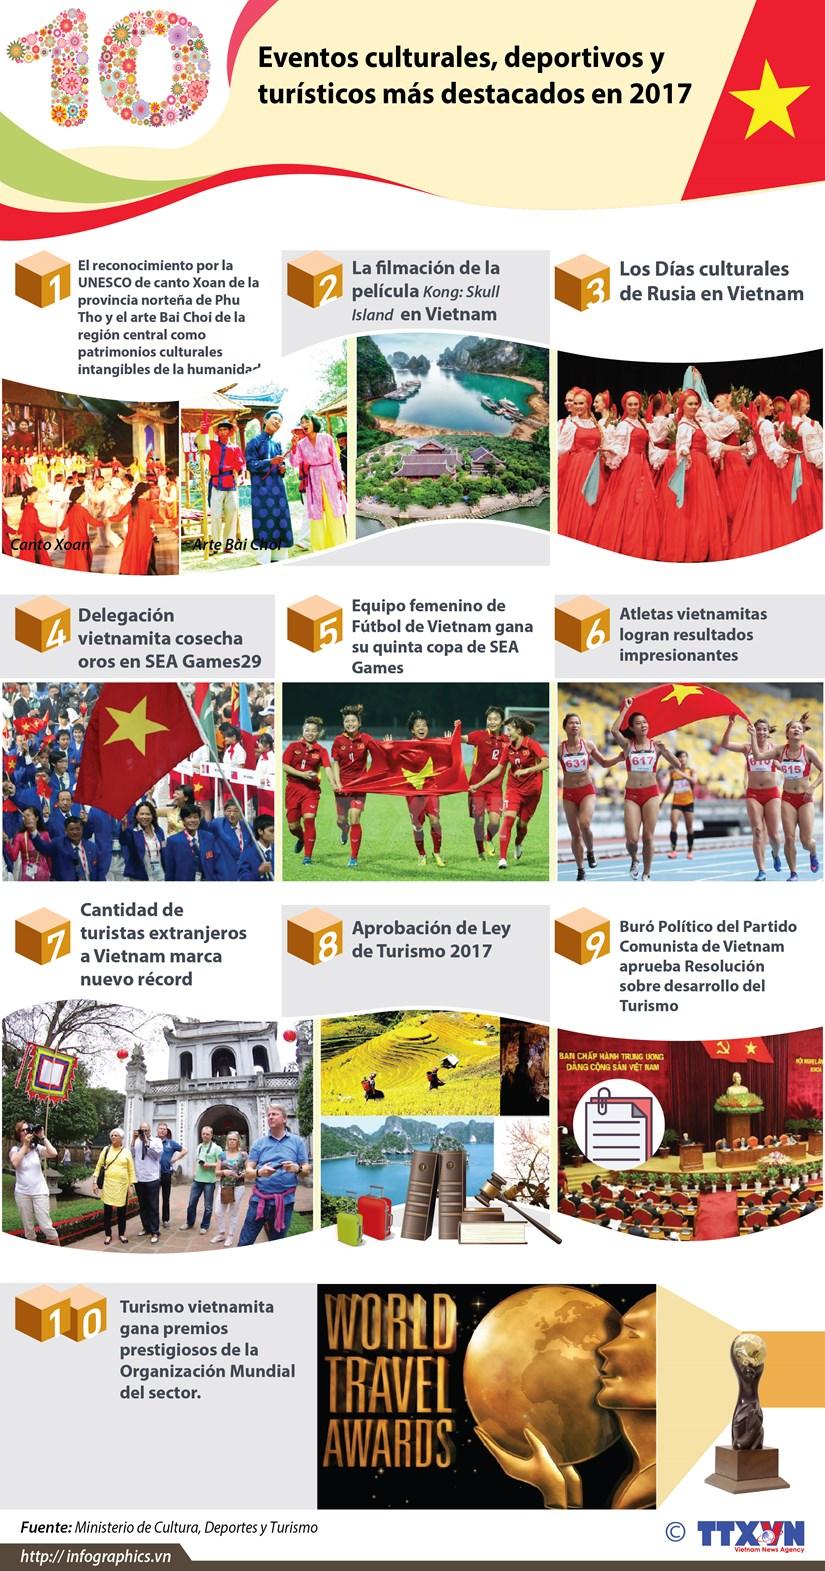 [Infografia] 10 eventos culturales, deportivos y turisticos mas destacados en 2017 hinh anh 1